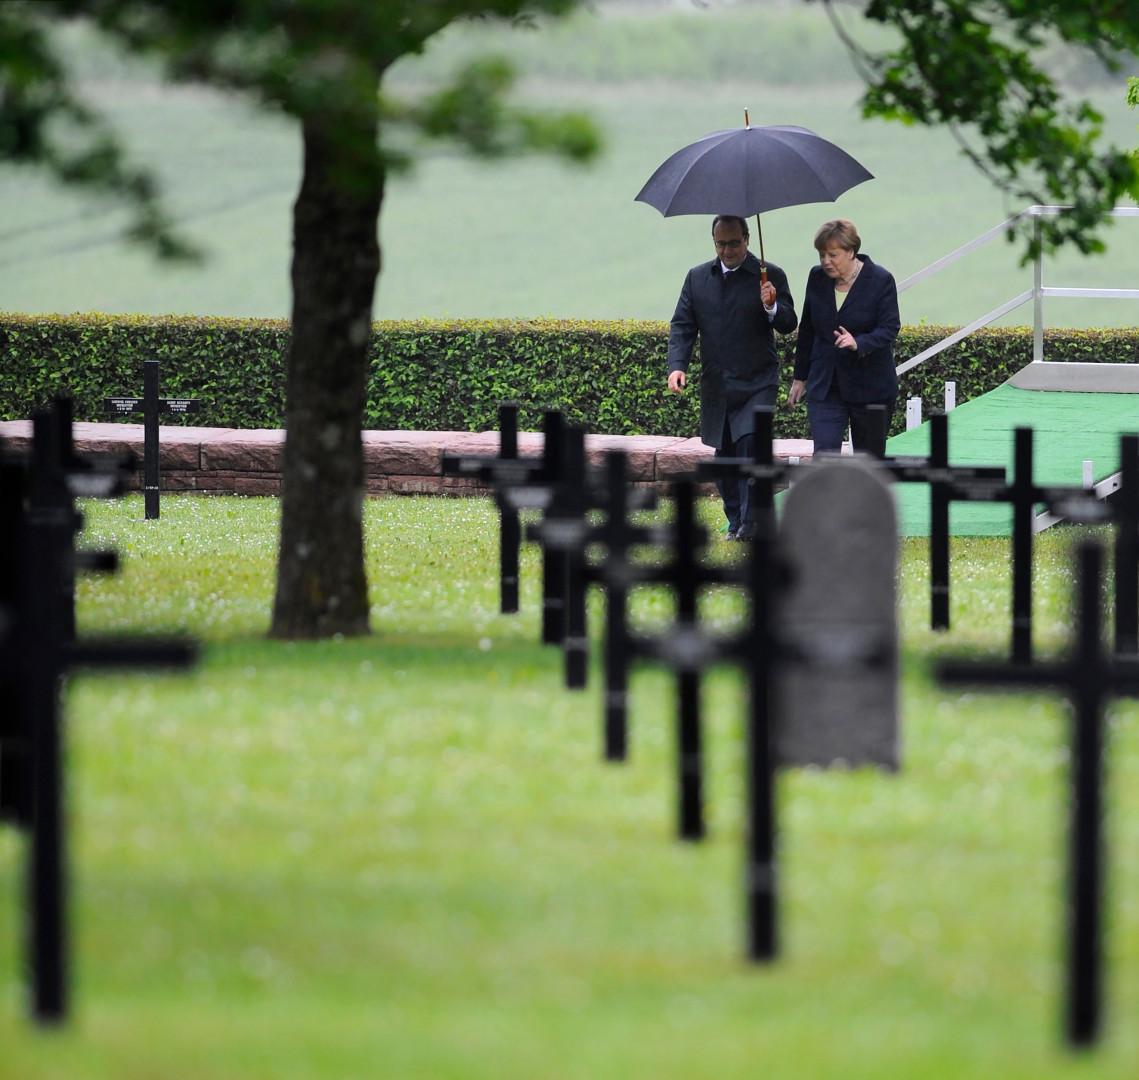 Sous une pluie continue, François Hollande a tenu à abriter lui-même Angela Merkel sous son parapluie pendant une cérémonie sous le signe de l'amitié franco-allemande.